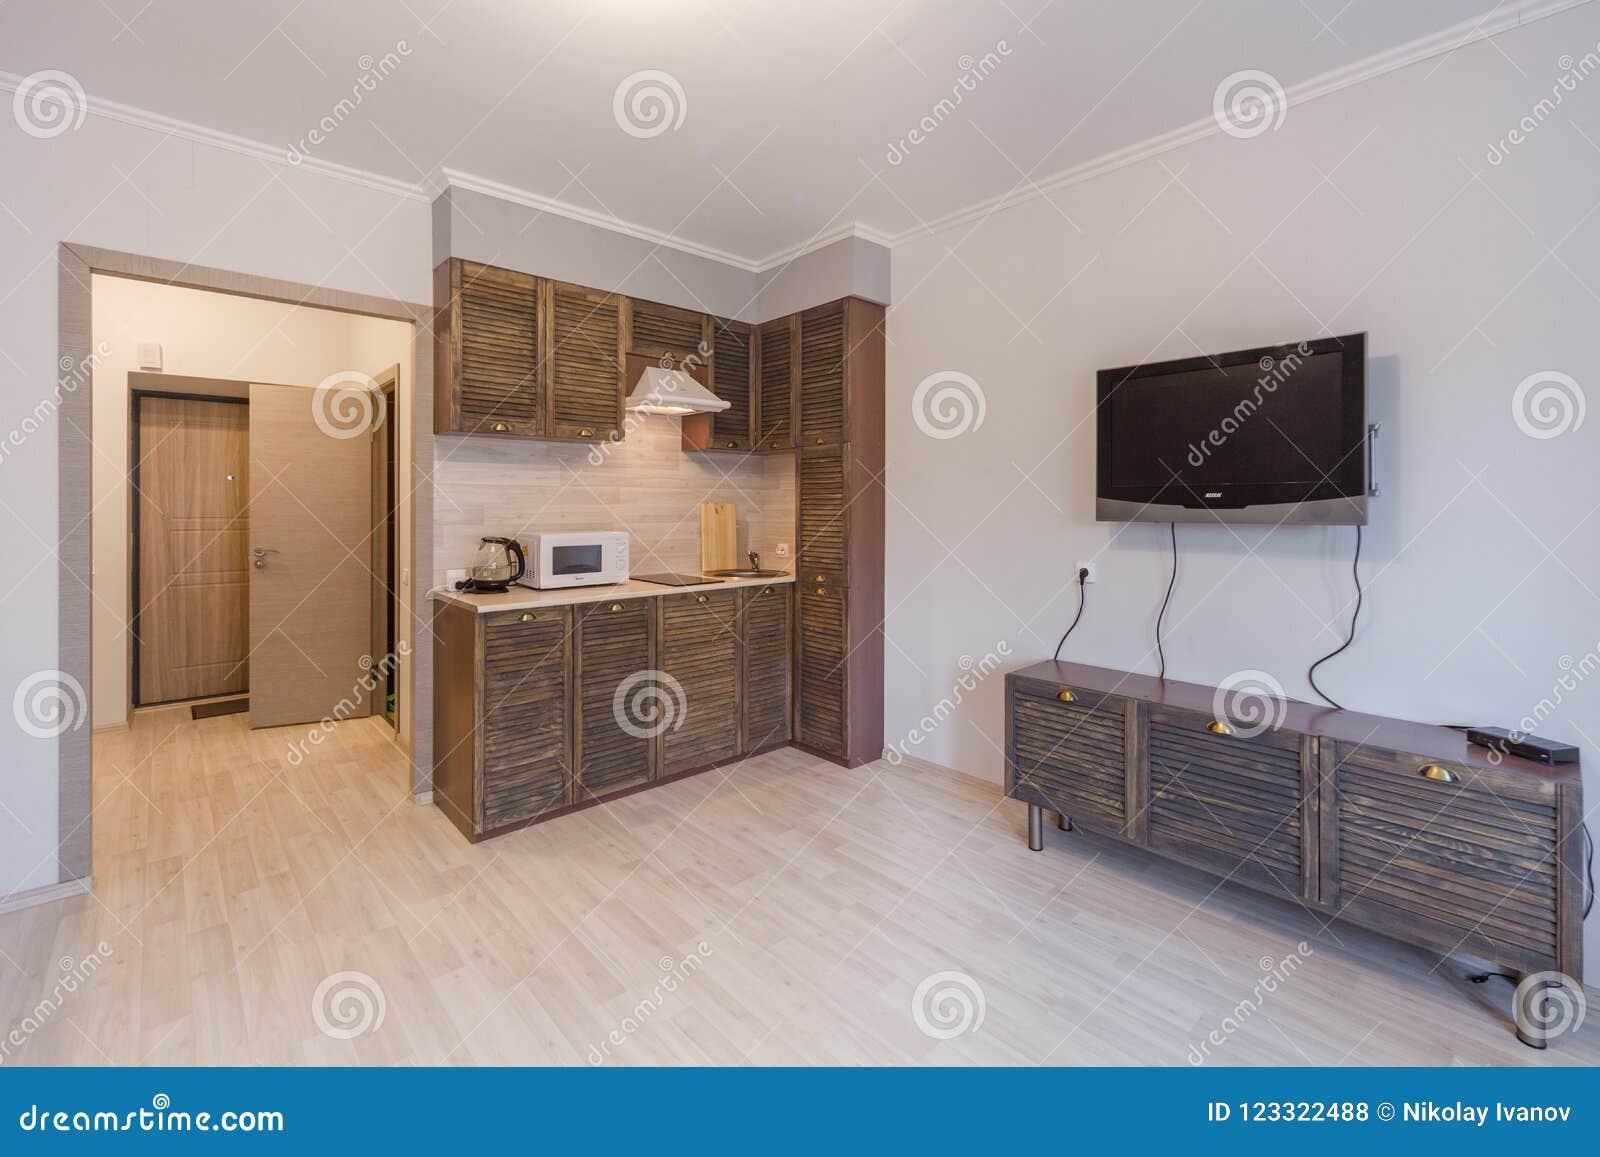 Малый интерьер hightech квартира-студии и кухни